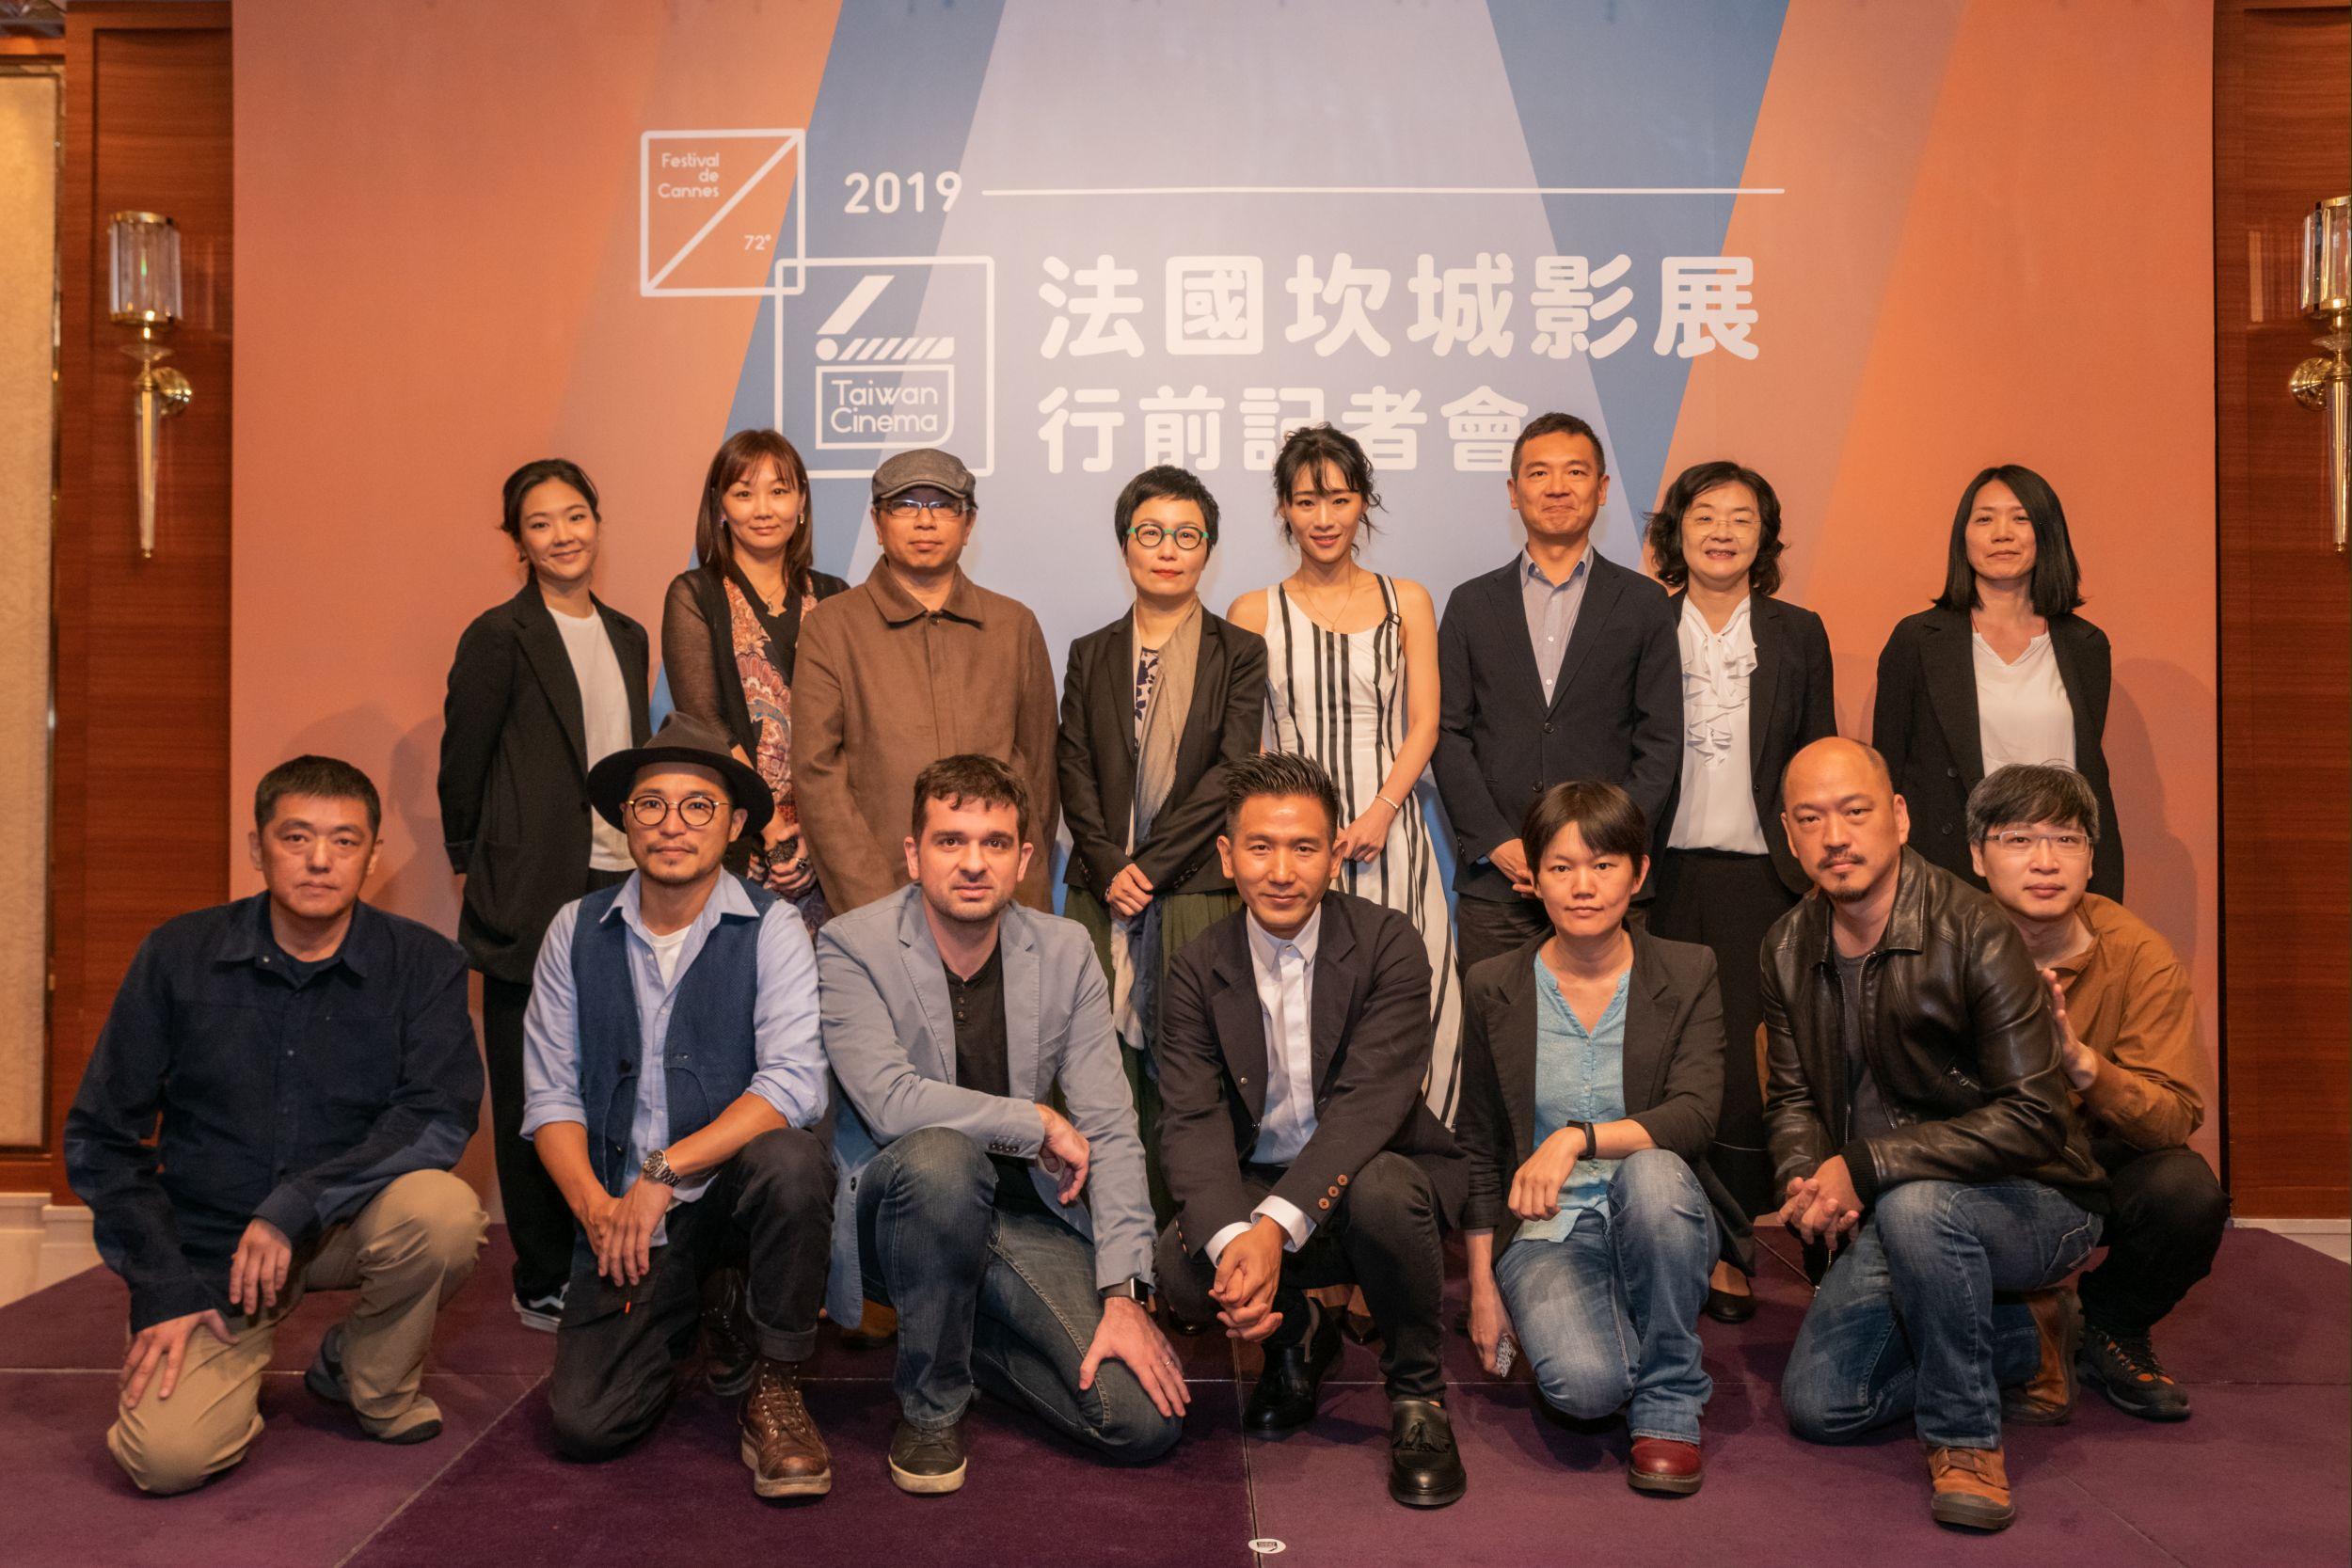 《灼人秘密》入圍坎城影展一種注目 台美藝術家跨國合作VR作品首度聯展